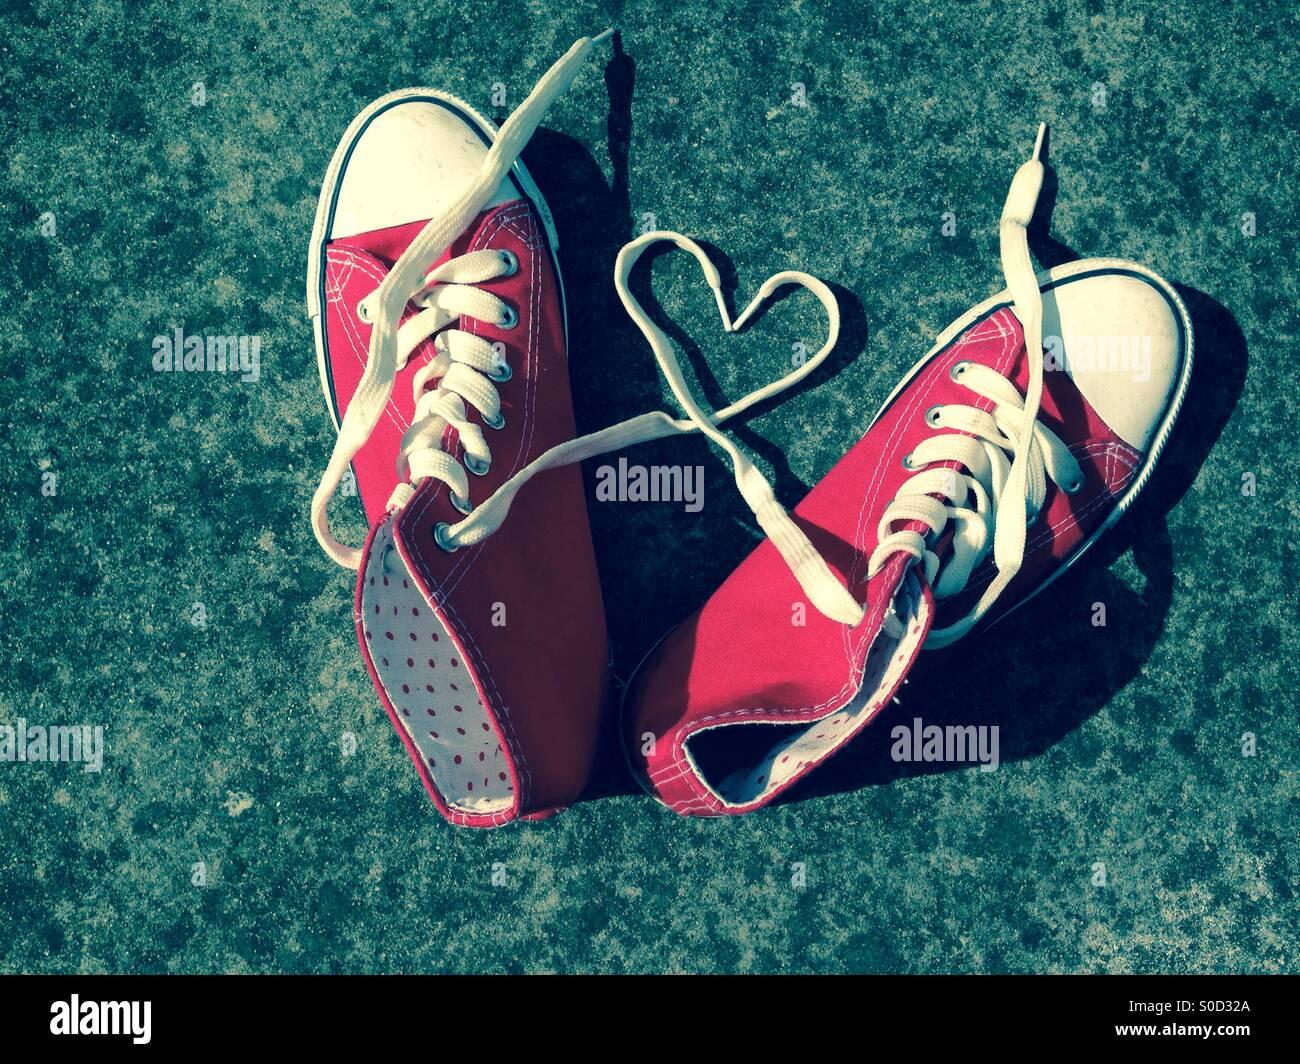 Liebe Herz Schnürsenkel auf Sport Schuhe Herz Form rot Baseball Stiefel Stockbild